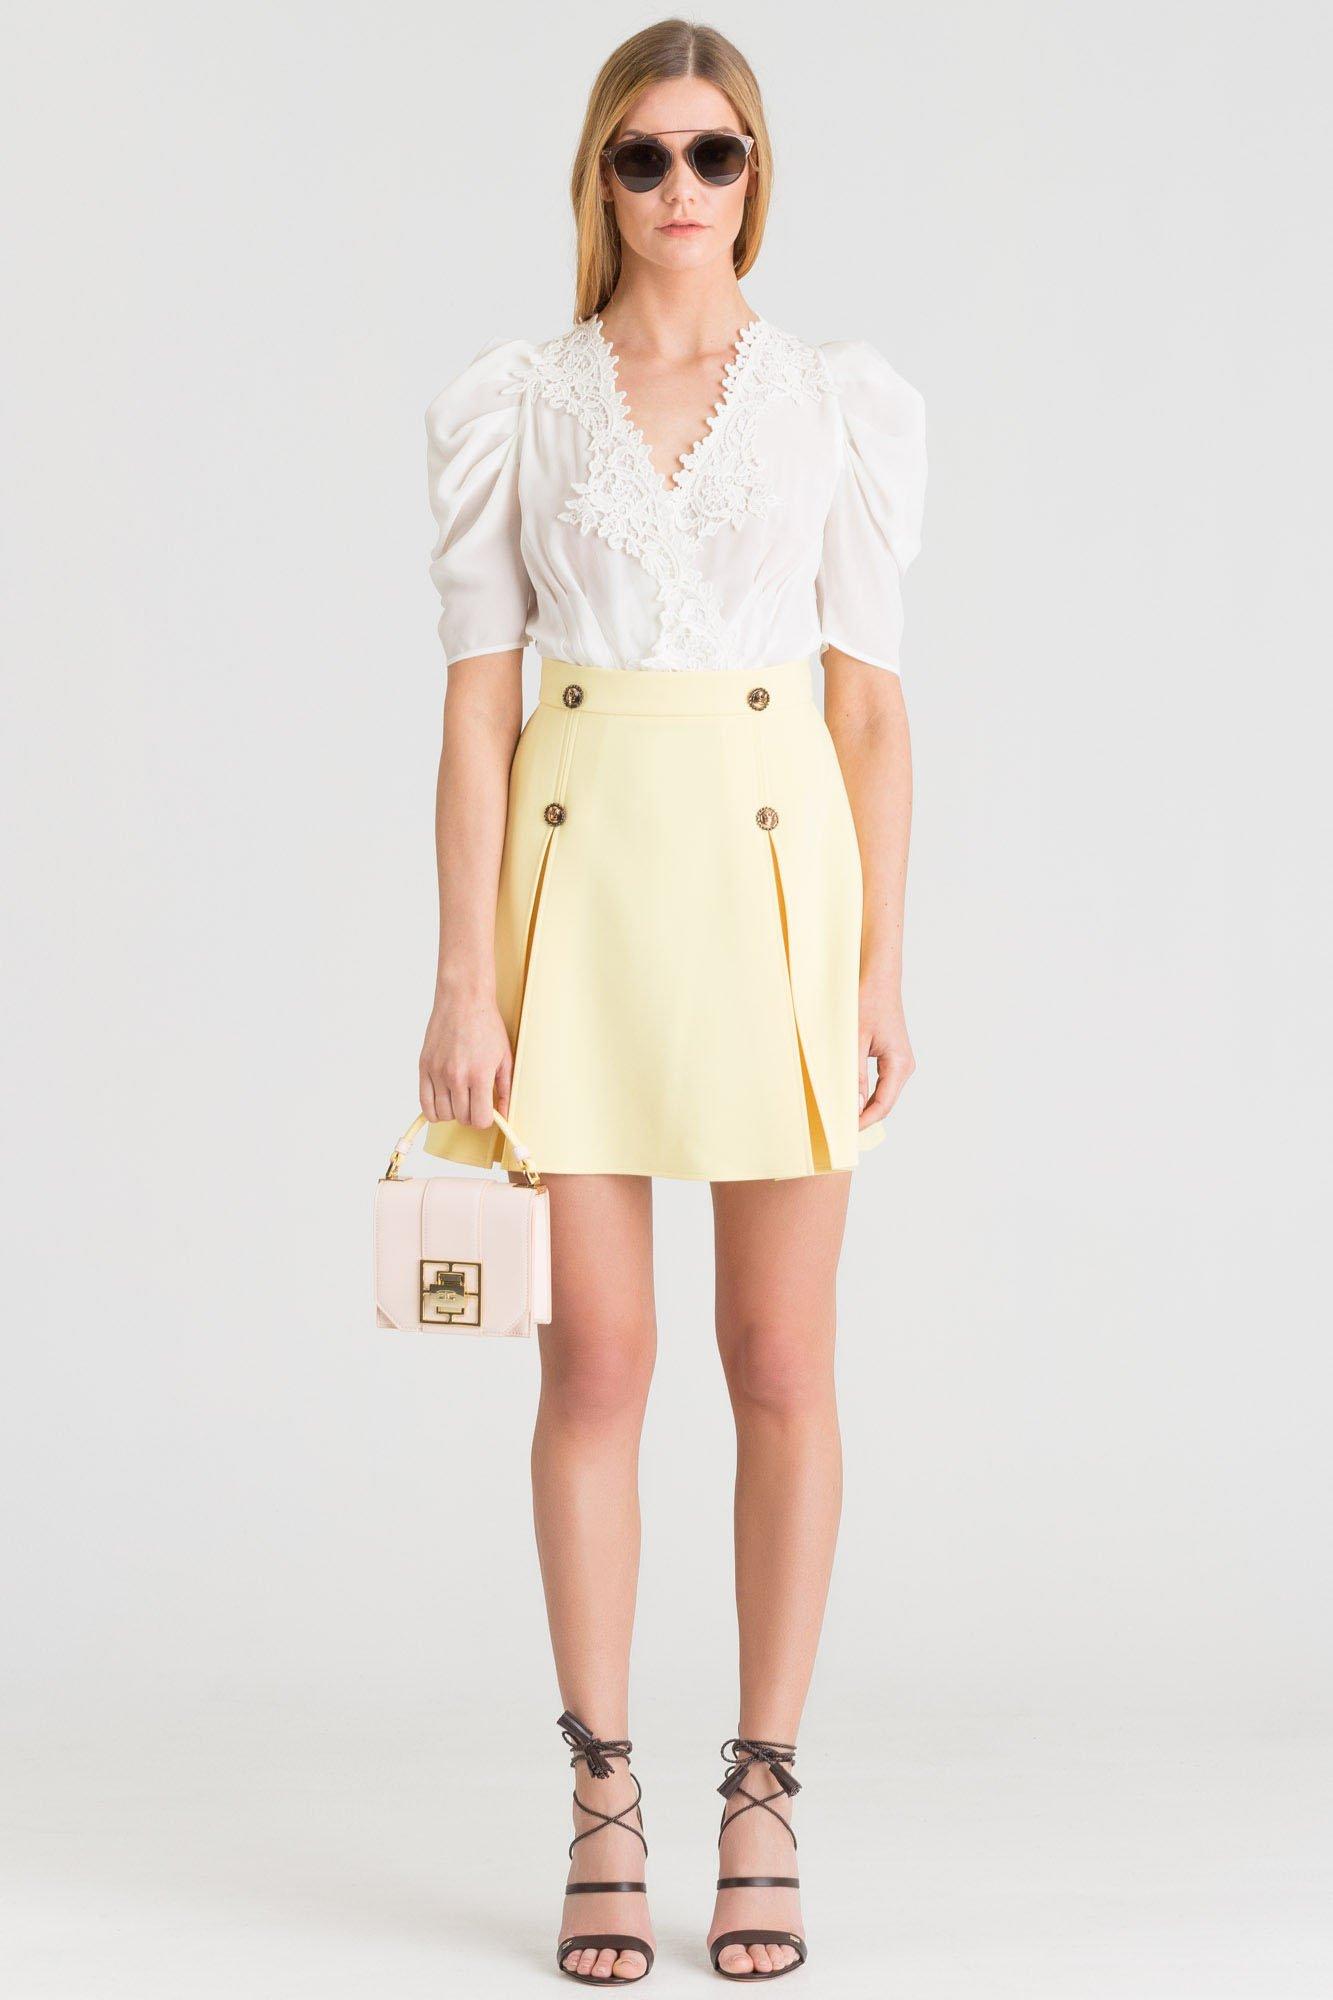 19737d7149 ... Biało-żółta dwuczęściowa sukienka Elisabetta Franchi ...